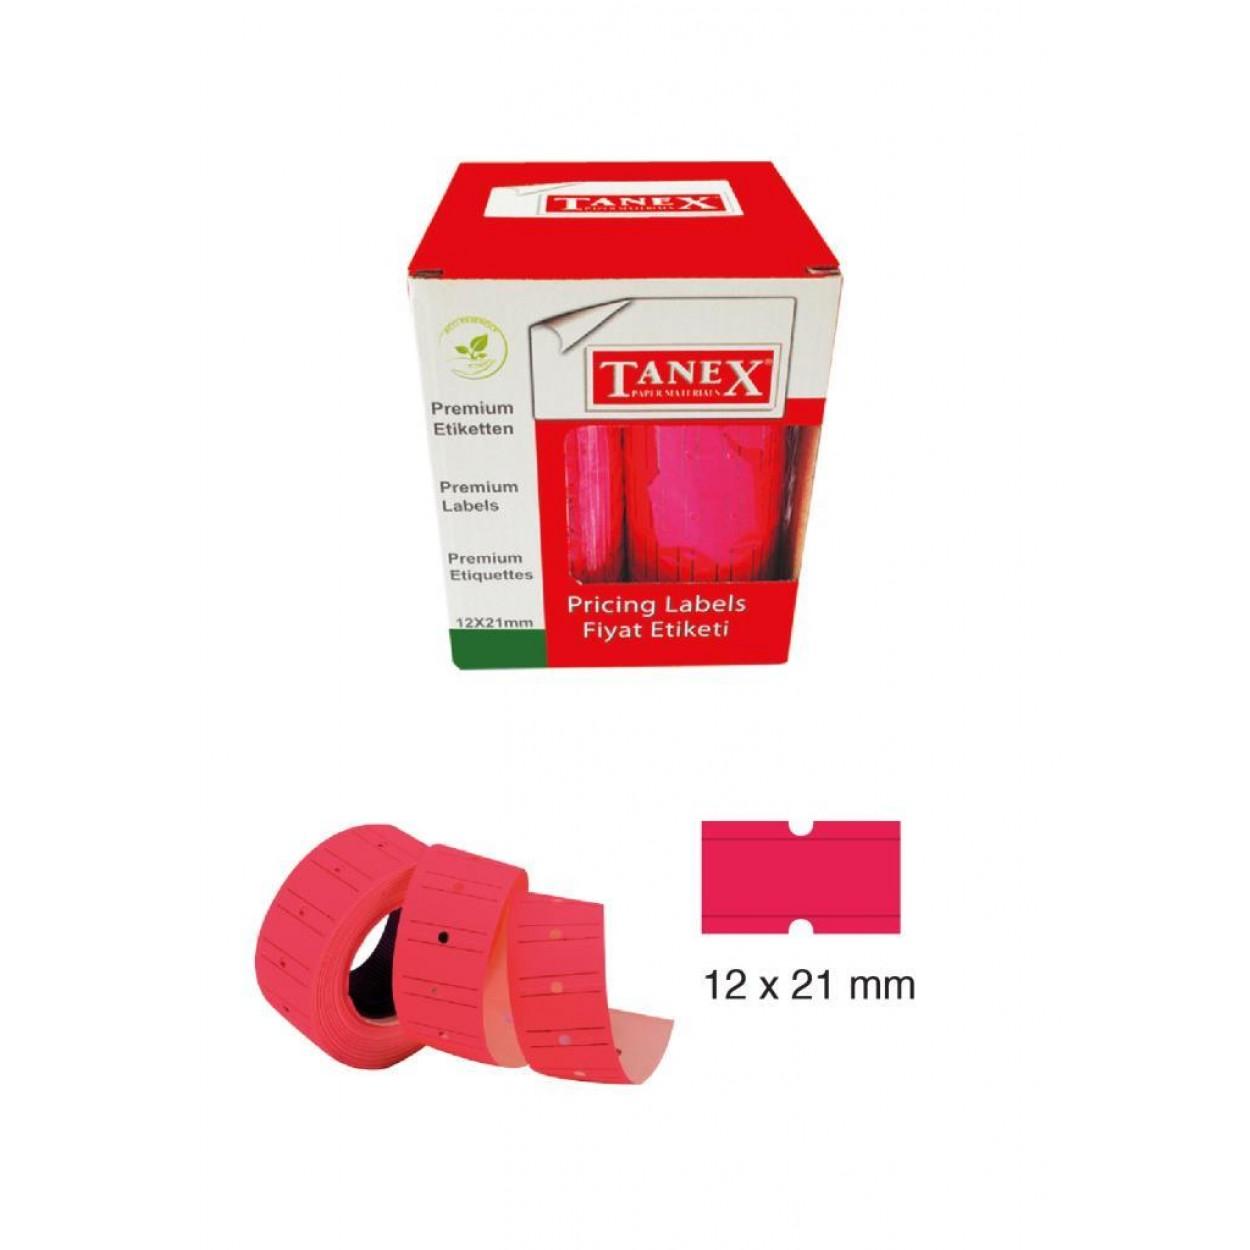 Tanex Fiyat Etiketi 21x12 cm Pembe Renk 800 Lü 6 lı Rulo